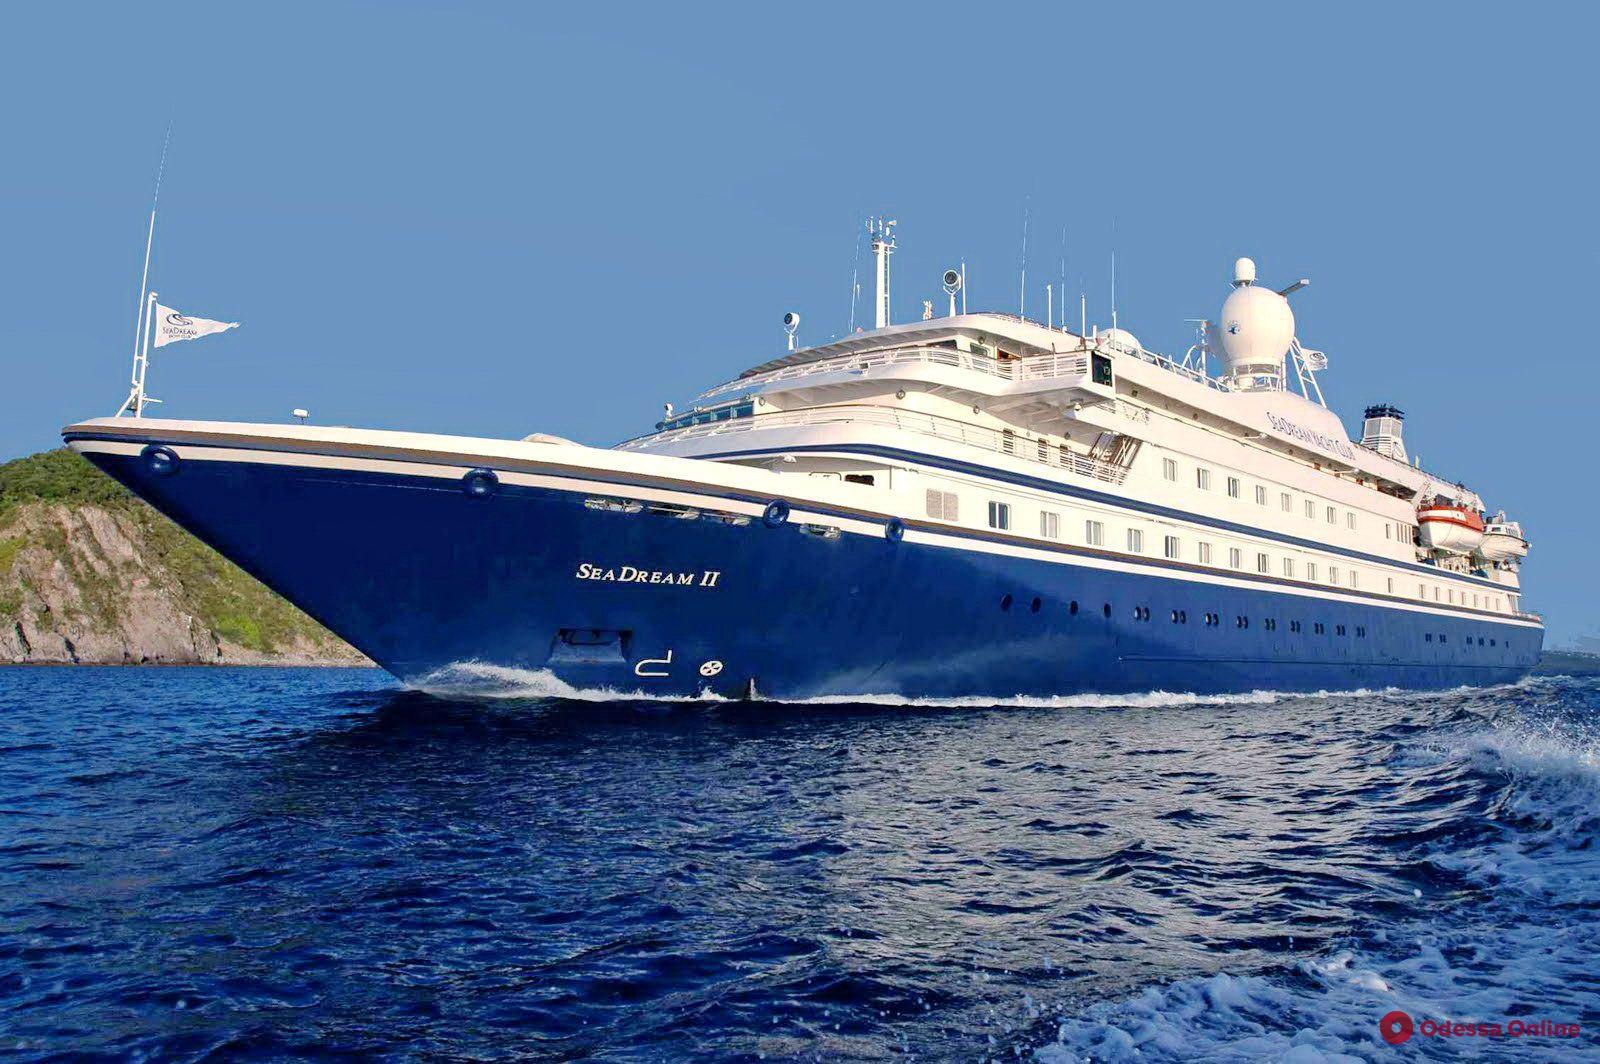 Первое круизное судно после начала пандемии придет в Одессу 28 сентября, — администрация порта